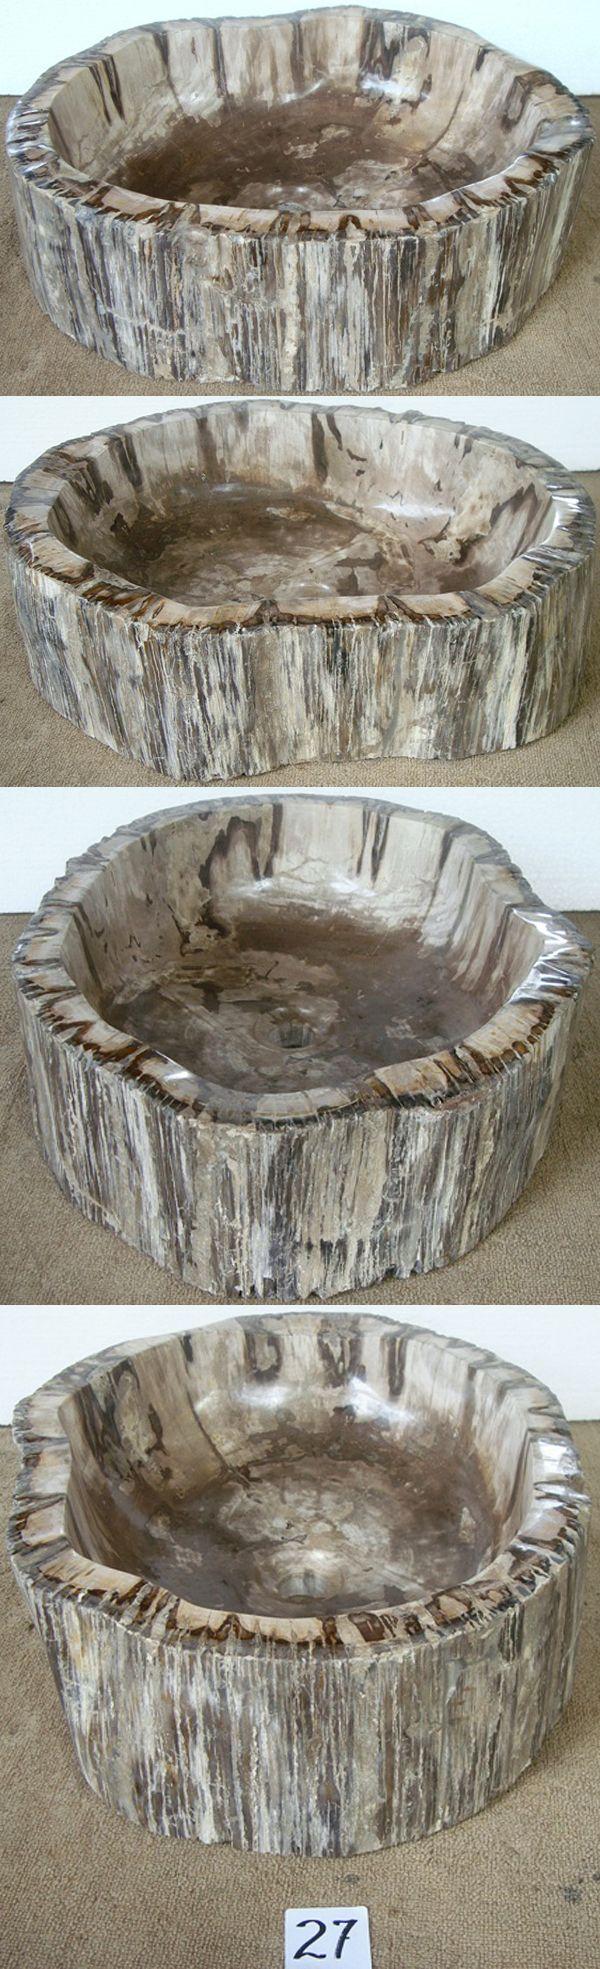 Petrified Wood Sink #27-EH Petrified Zebra Wood (21